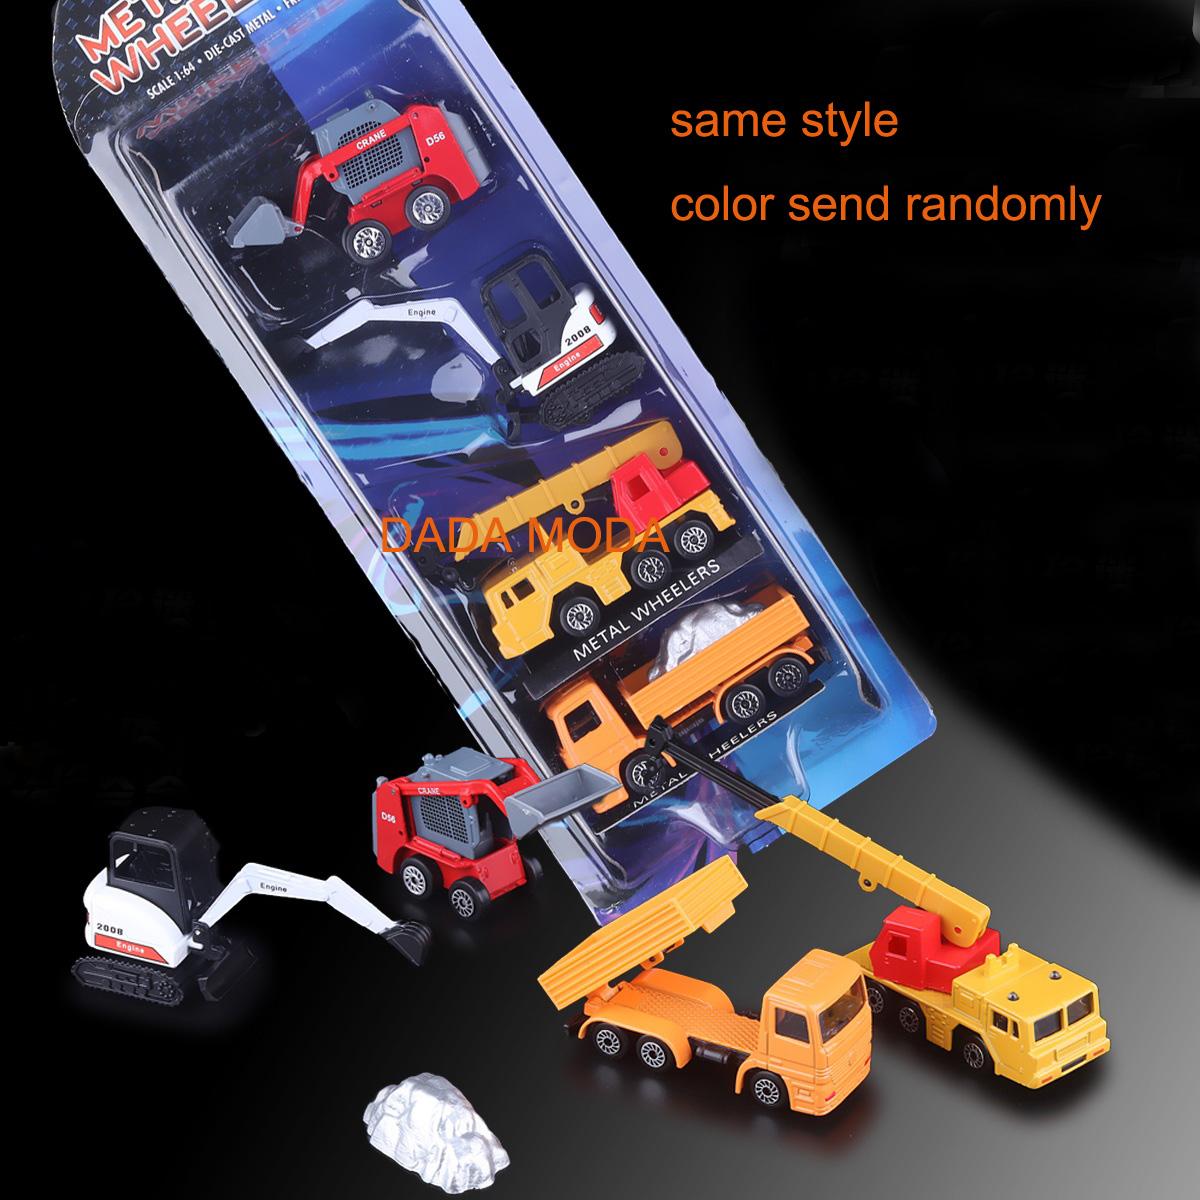 Free Shipping silequ brand Diecast metal wheelers engineering car model toy similar as Siku excavator crane truck toy 4pcs set(China (Mainland))